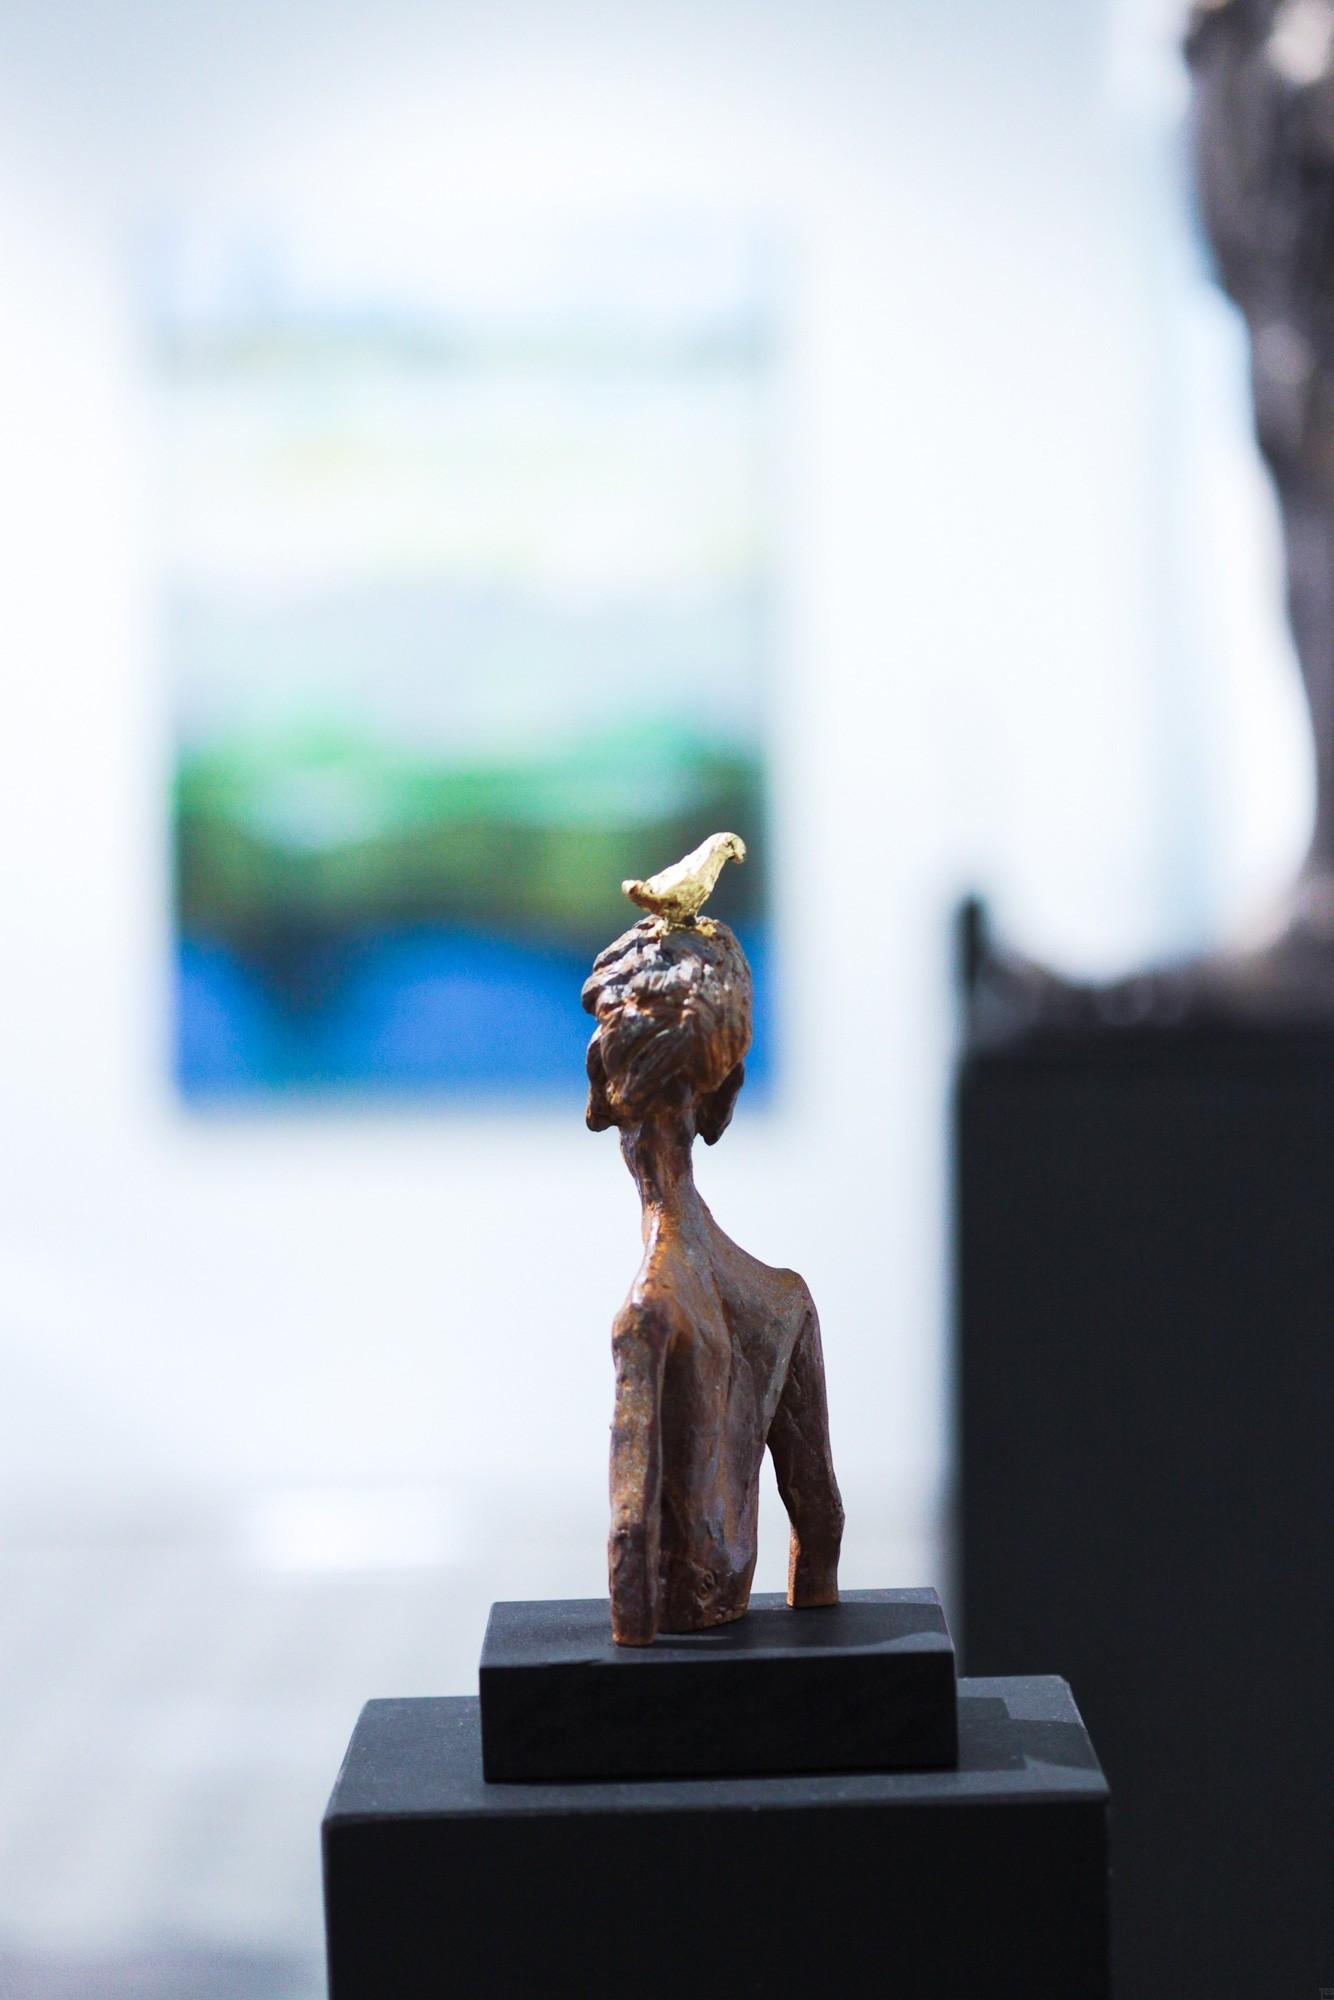 Nesthocker - Eisen Plastik mit Blattgold, Skulptur von Tim David Trillsam, Edition (4)